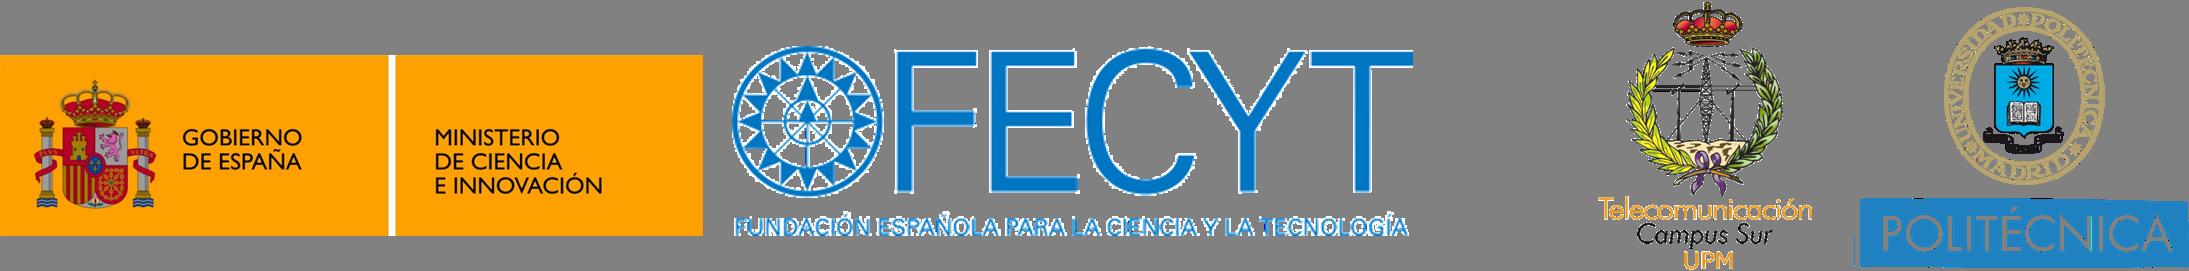 Logotipos-institucionales